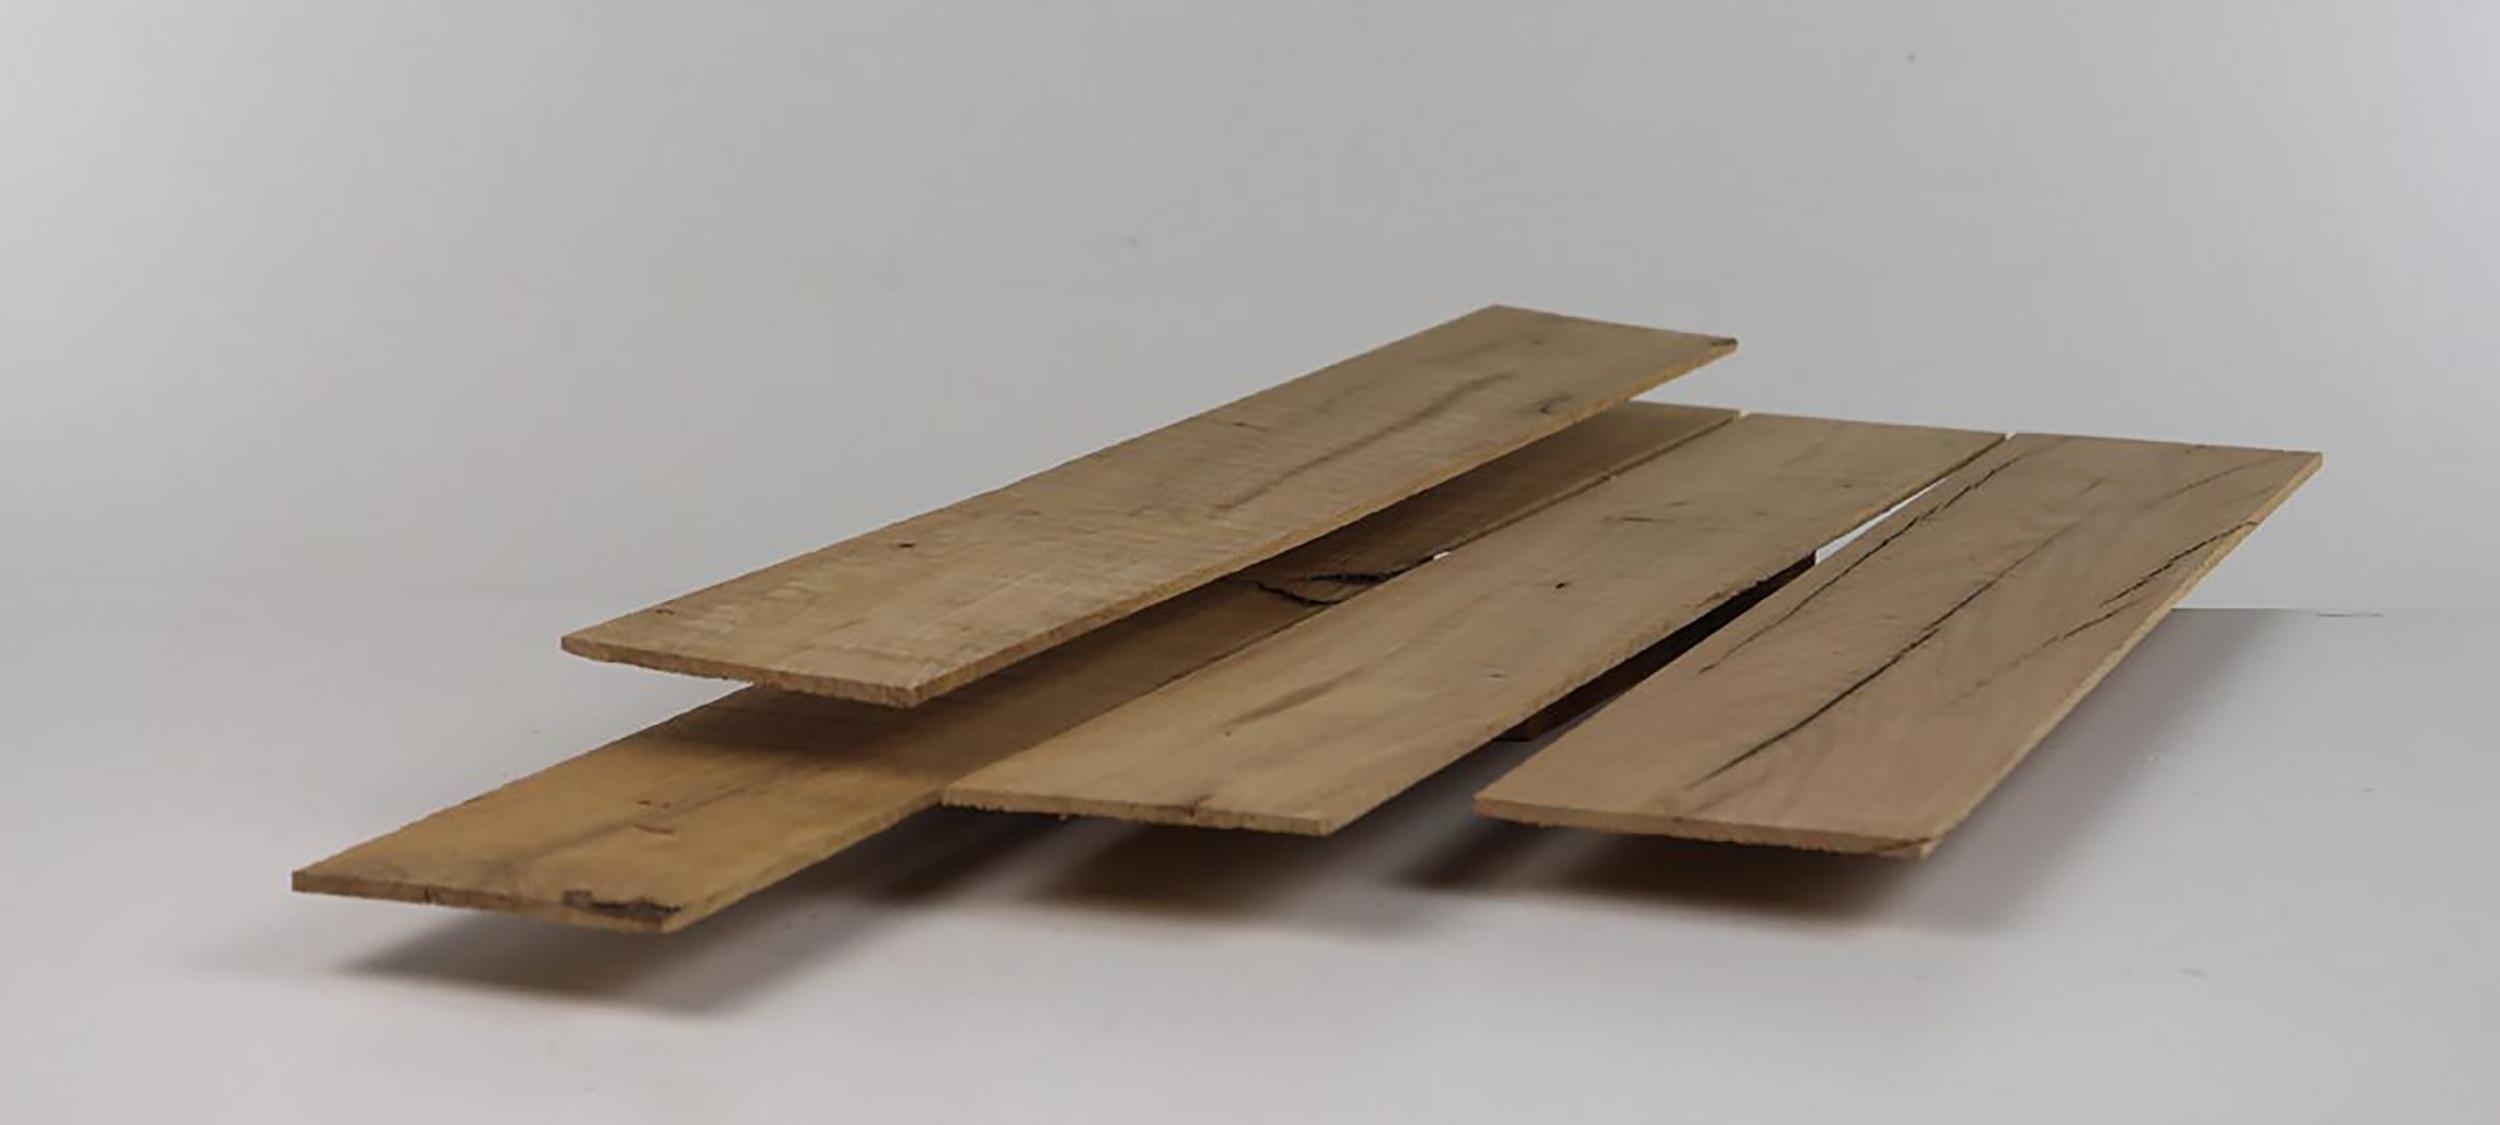 Sägefurnier aus altem Eichenholz